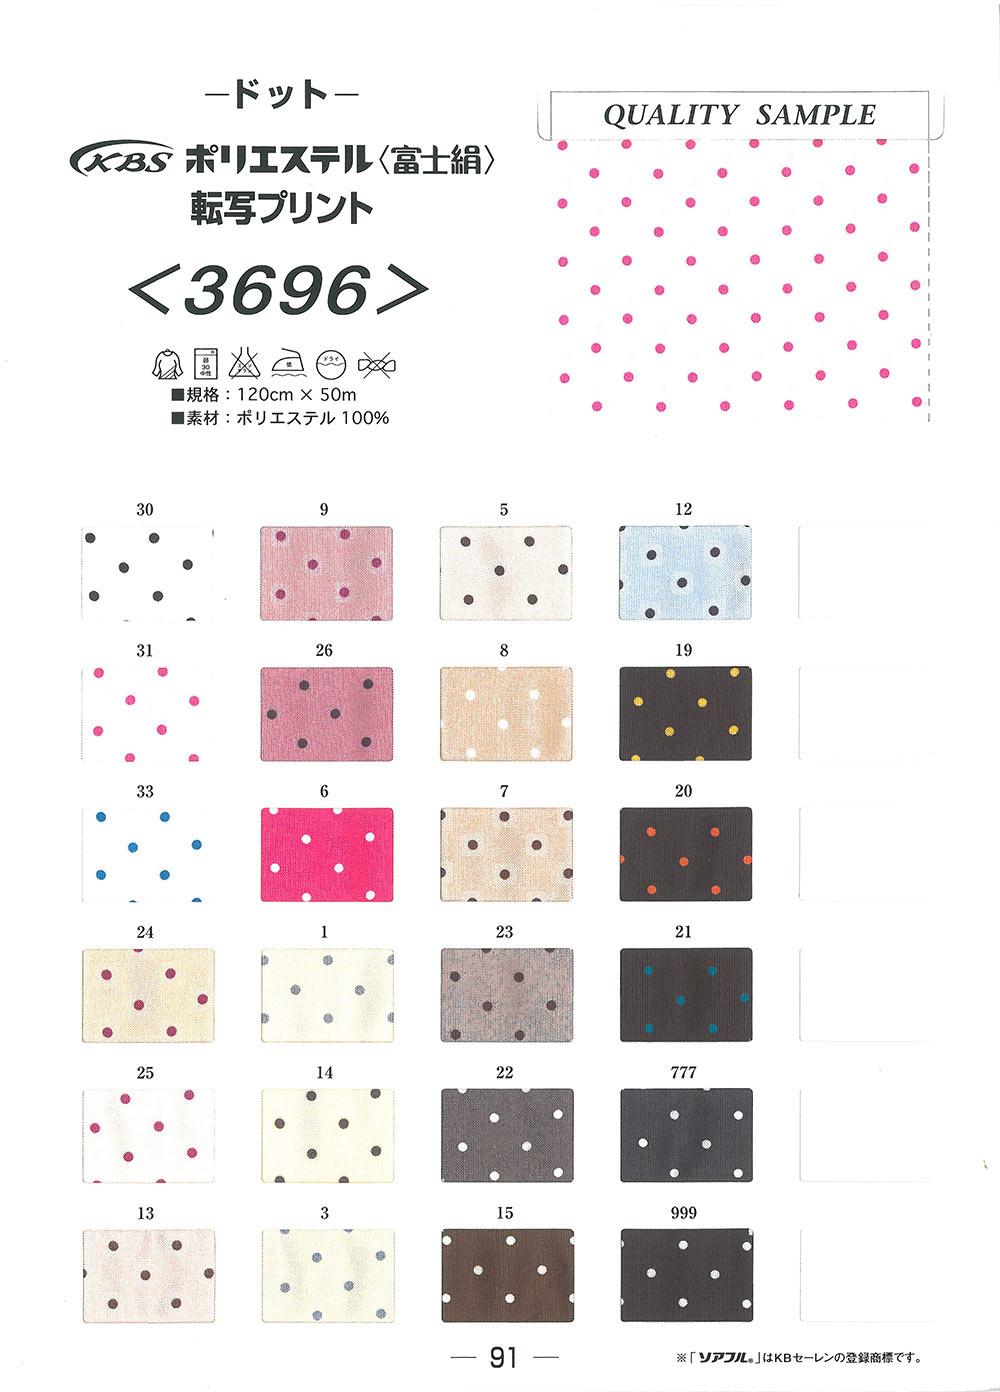 3696 ポリエステル 富士絹 ドット裏地 KBセーレン/オークラ商事 - ApparelX アパレル資材卸通販